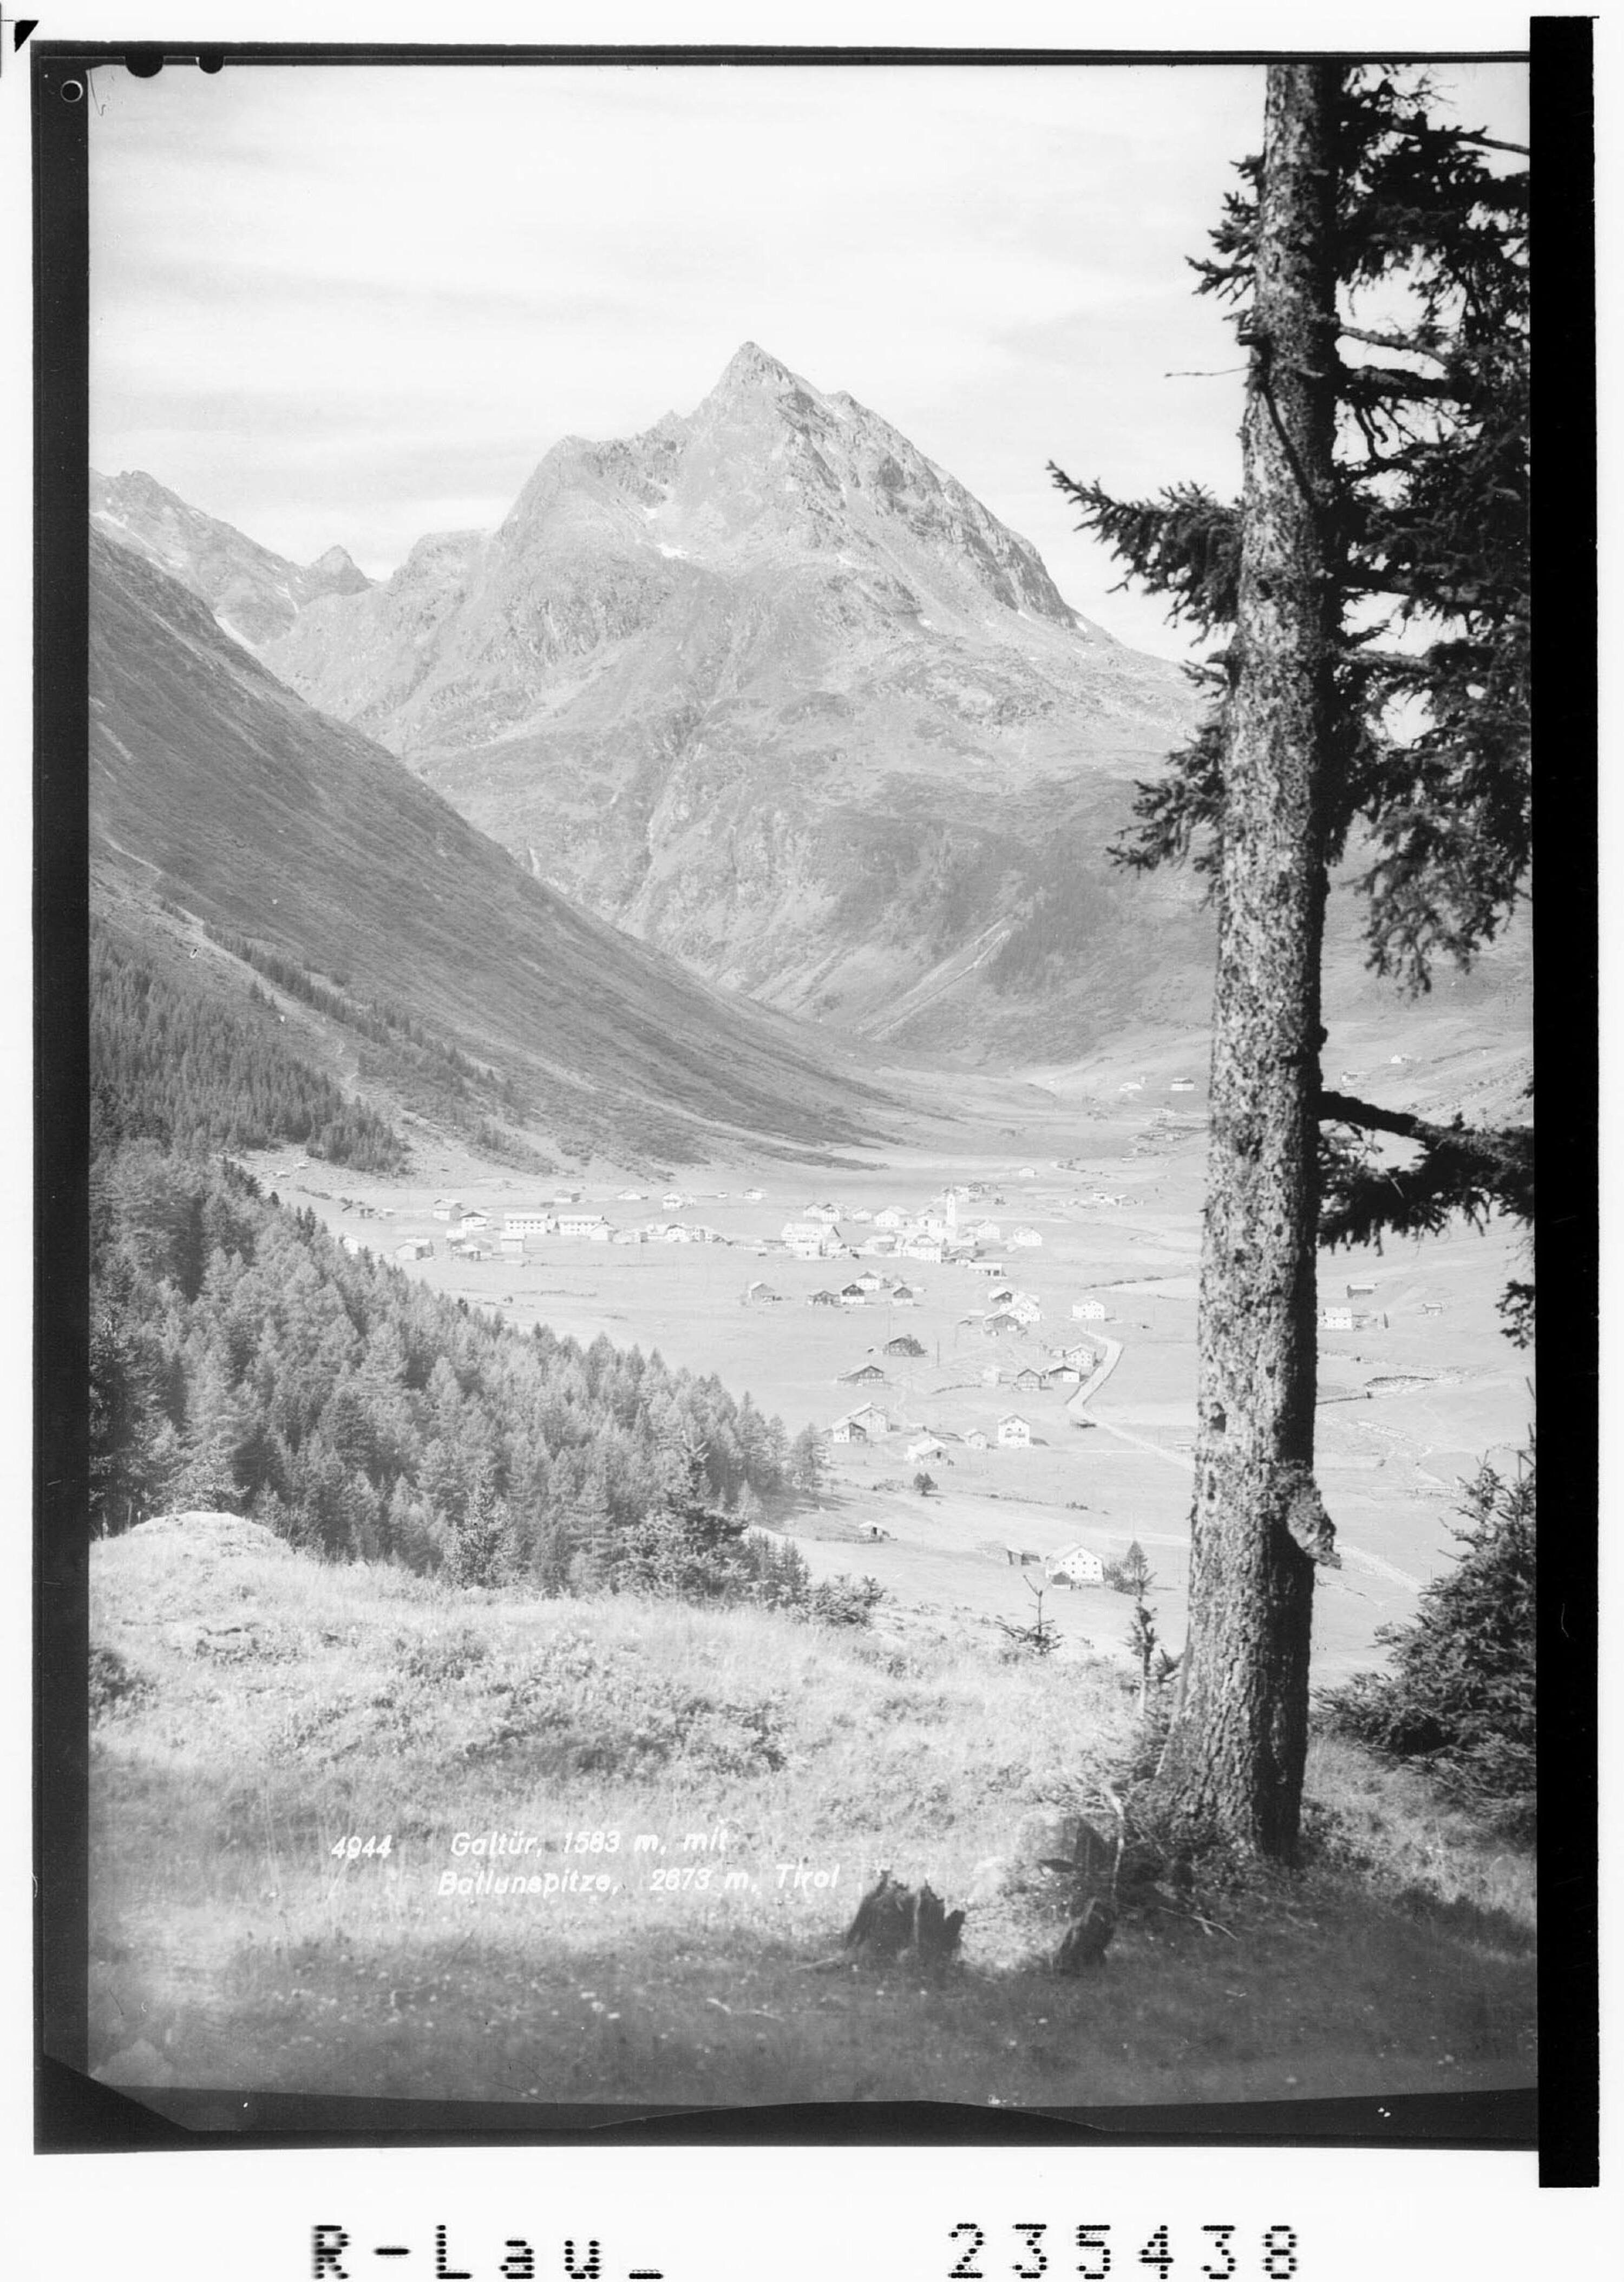 Galtür 1583 m mit Ballunspitze 2673 m / Tirol von Rhomberg